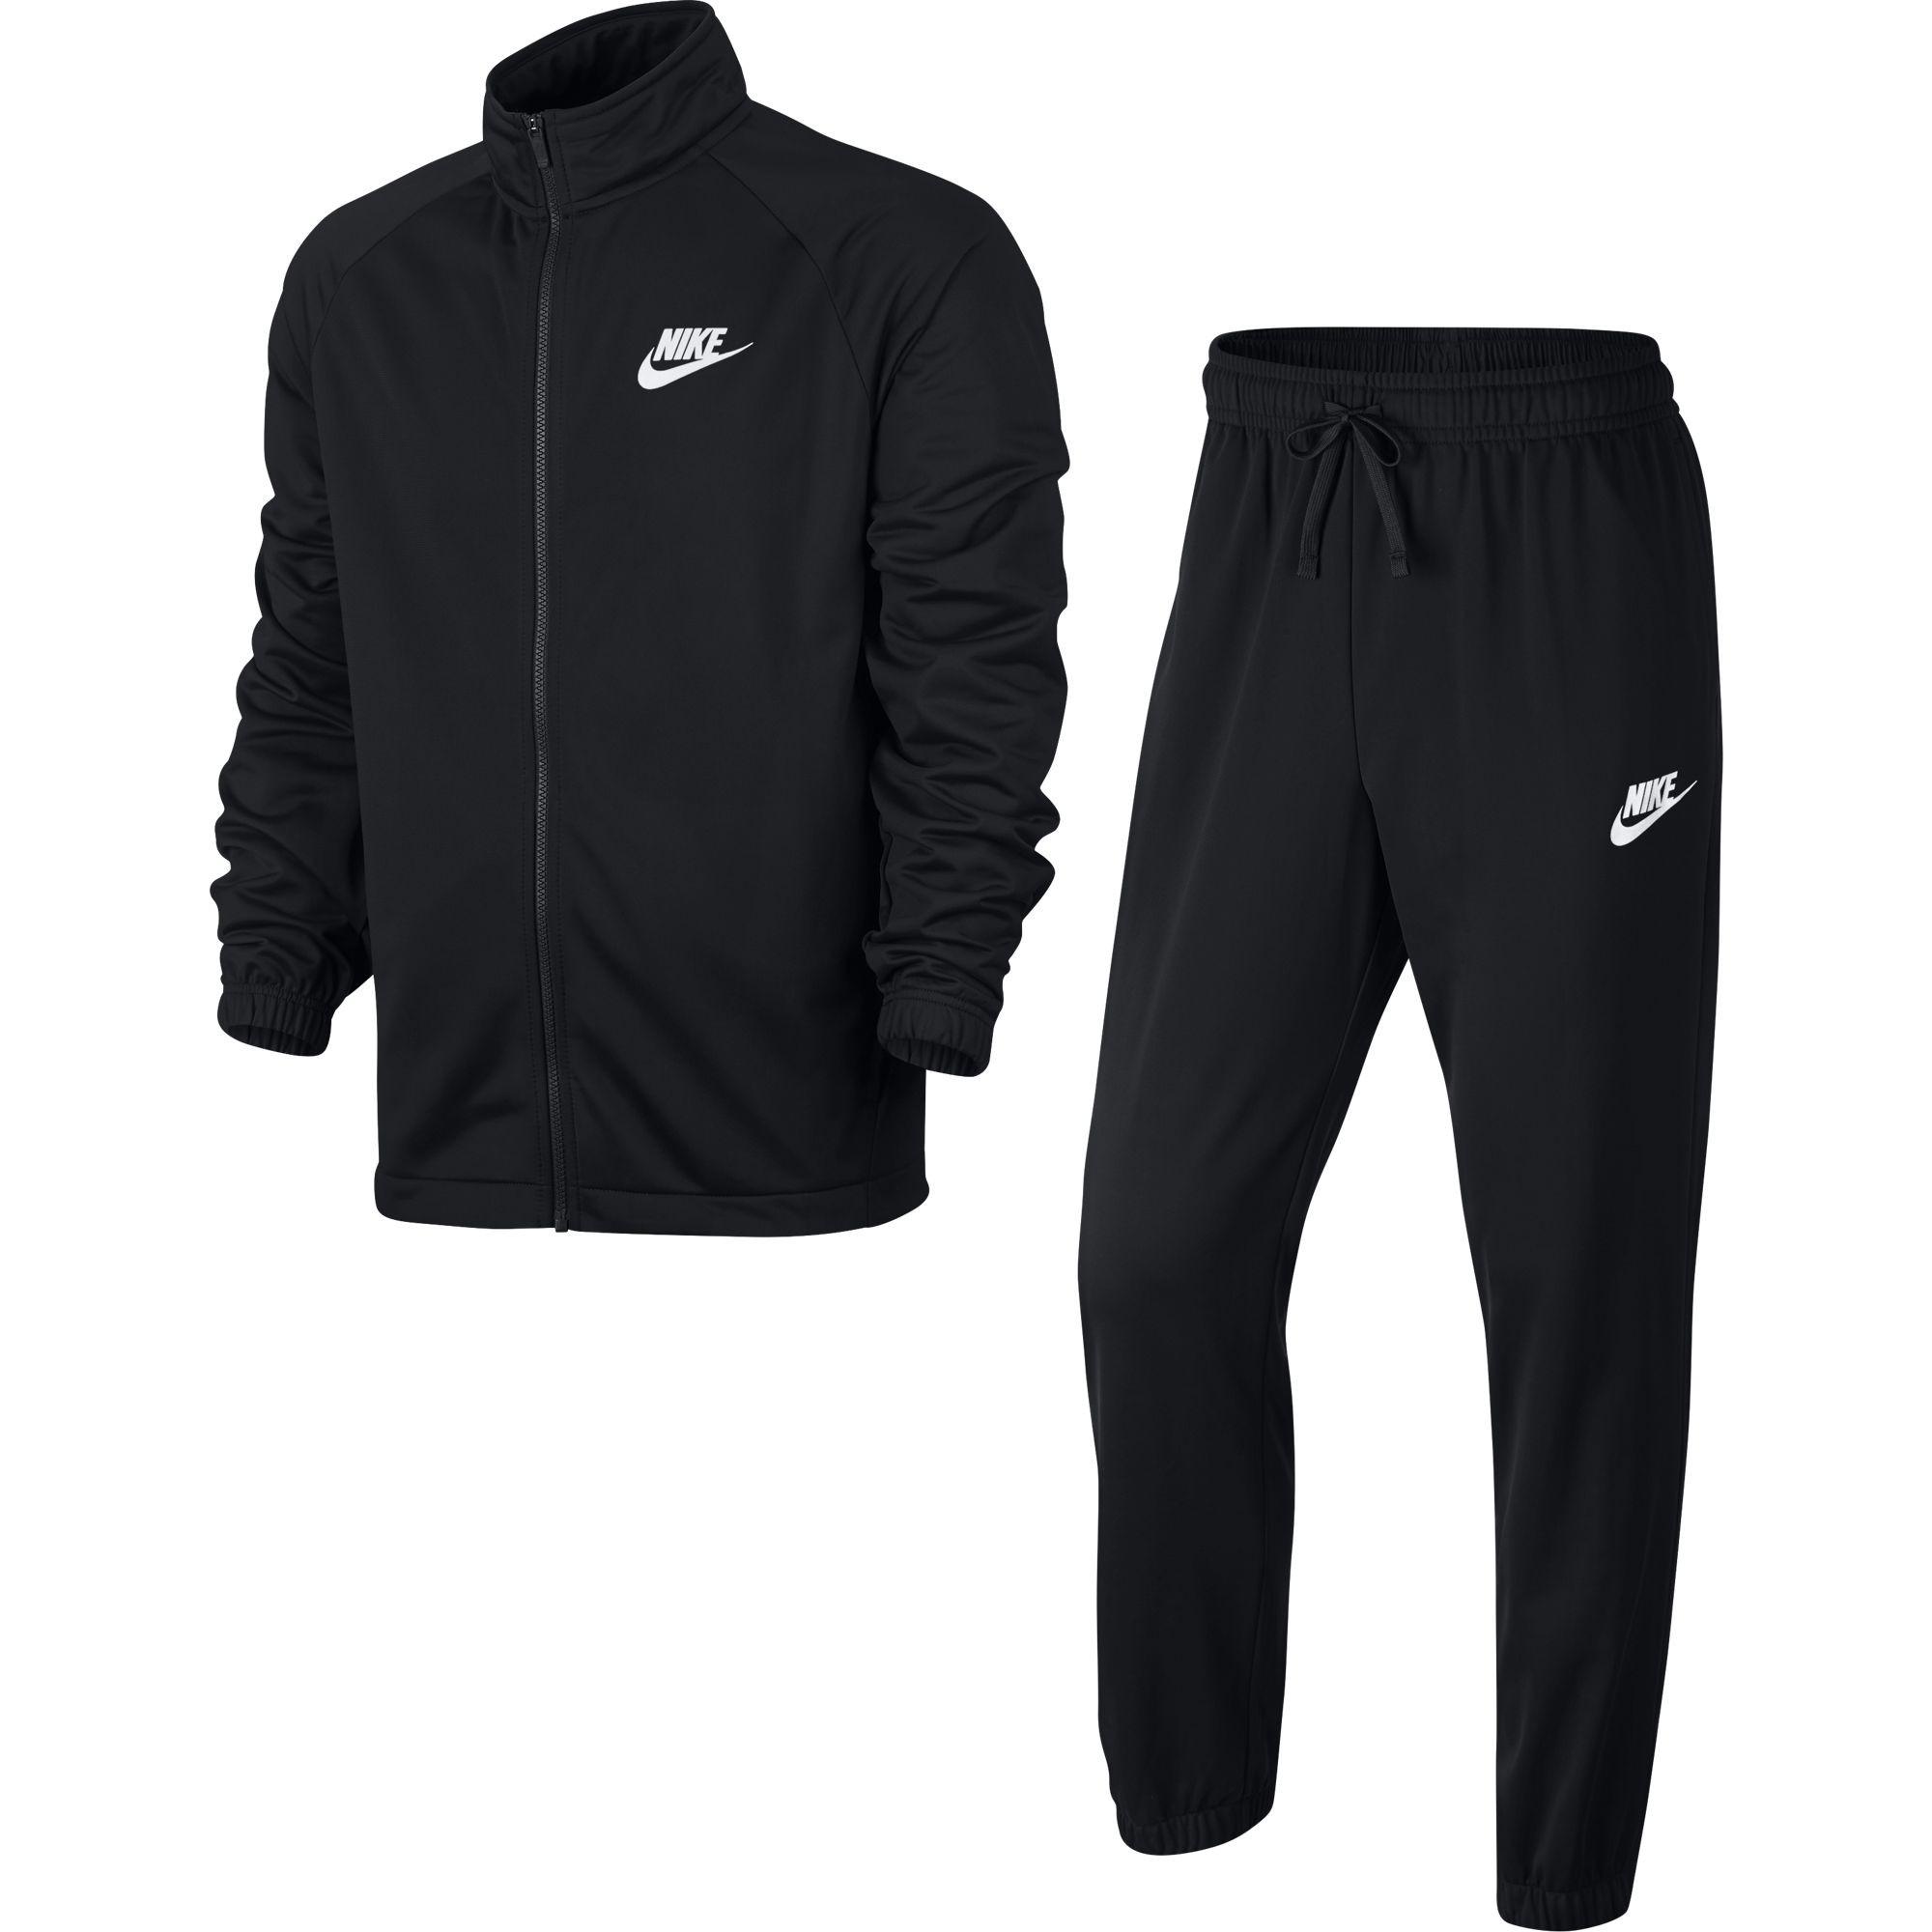 Nike Dres Sportowy Męski Komplet Spodnie Bluza S